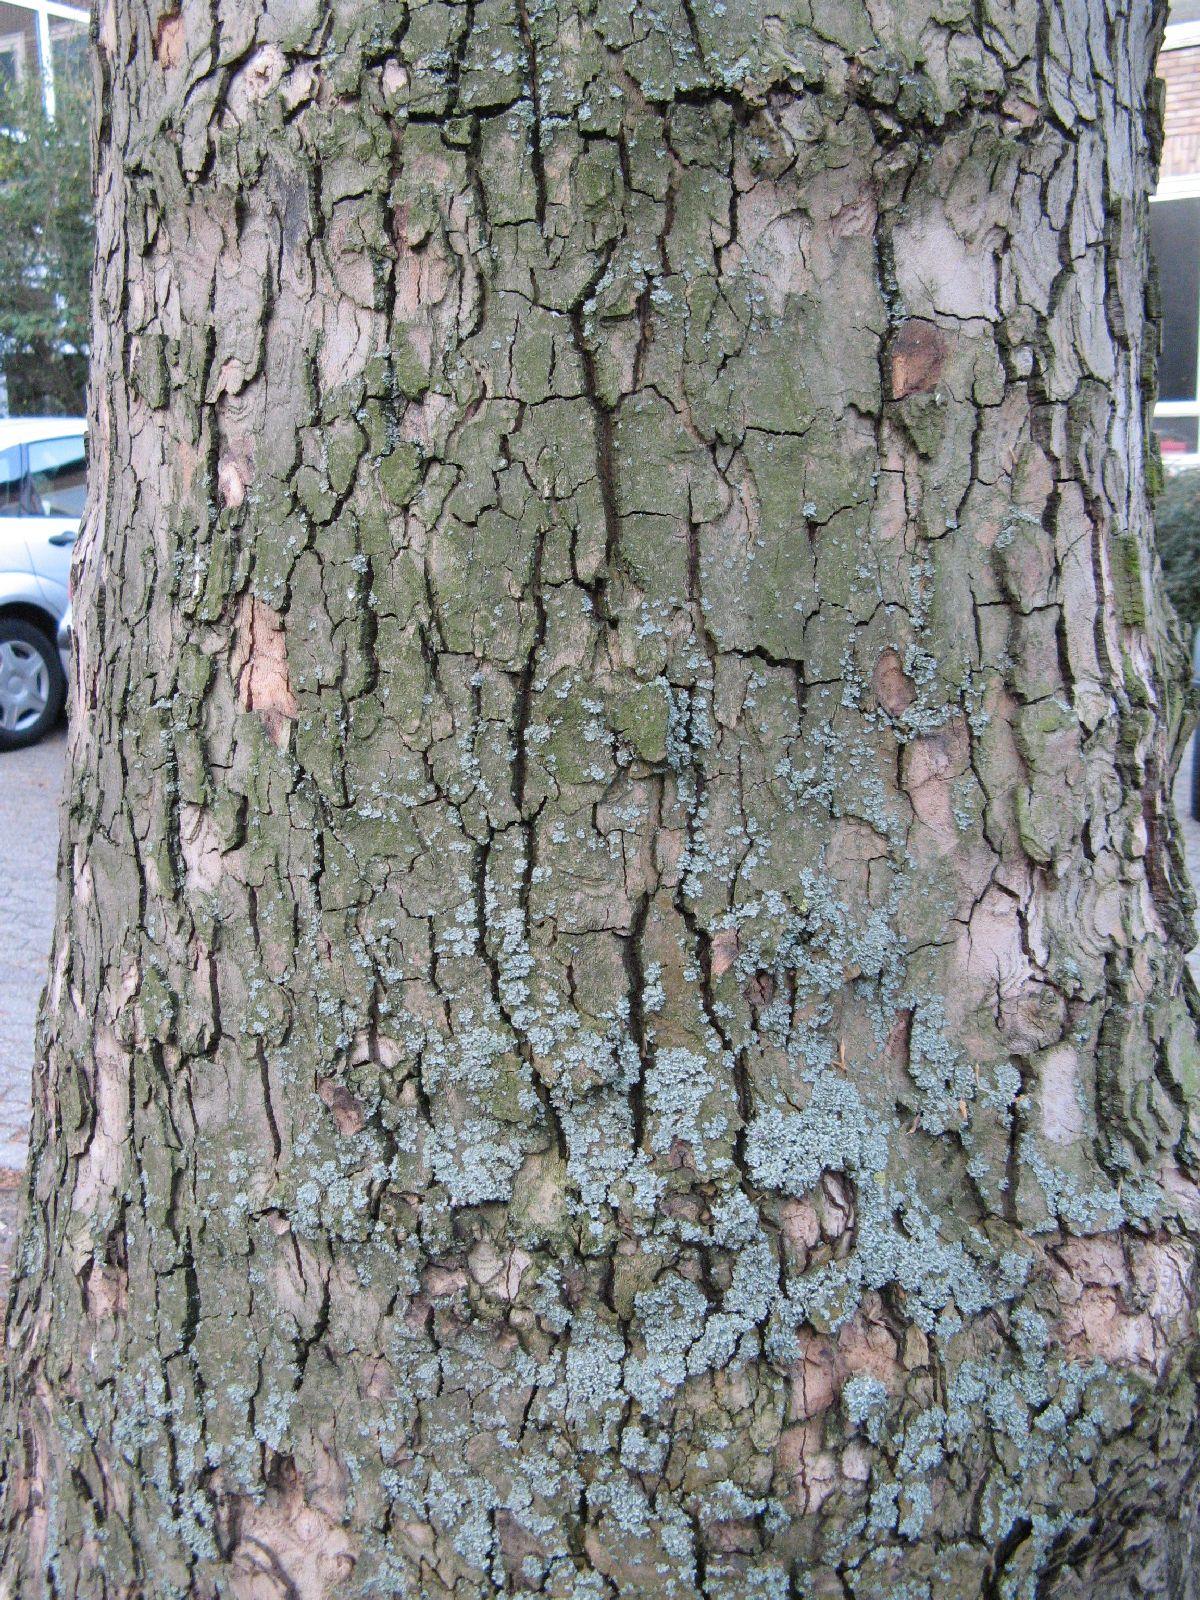 Baum-Rinde_Texturs_B_27760